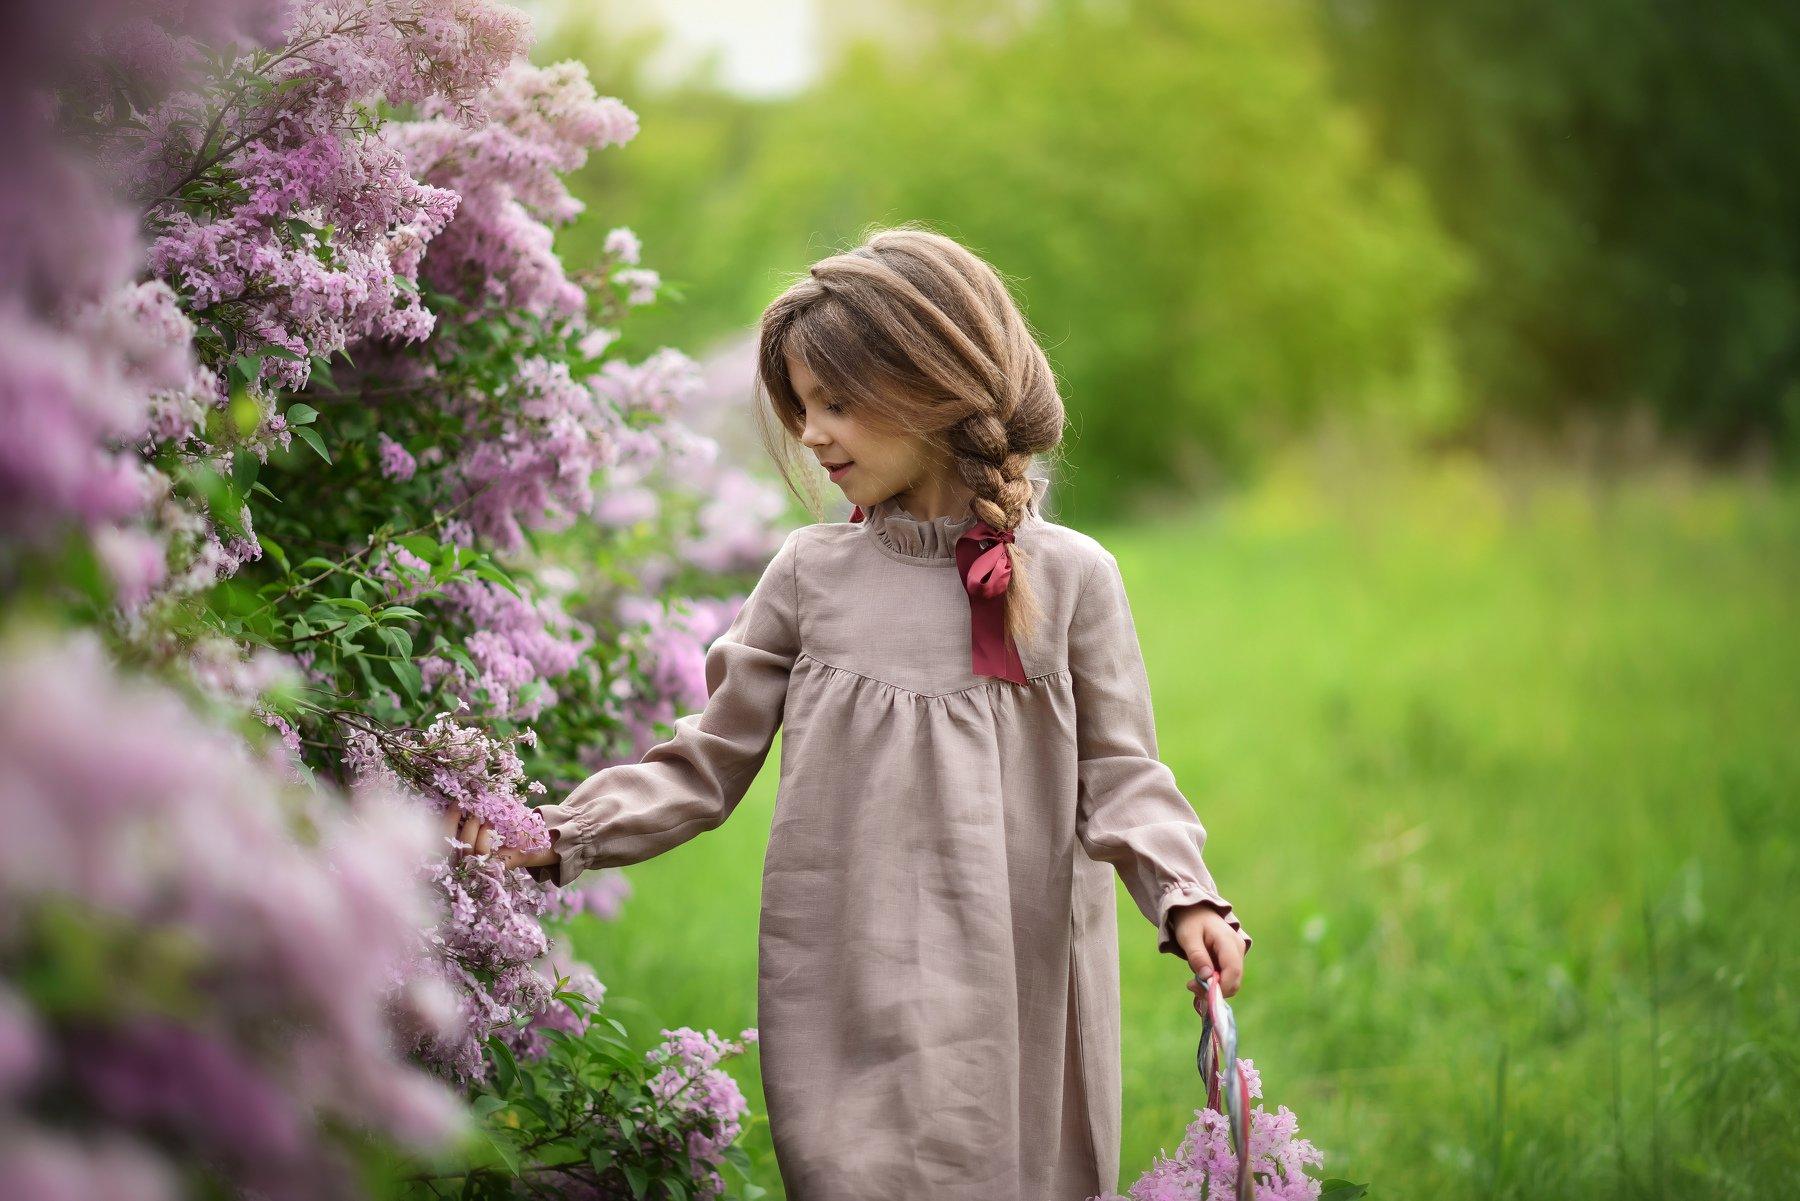 детская фотография портрет лето цветение сирень, Мейо Виктория